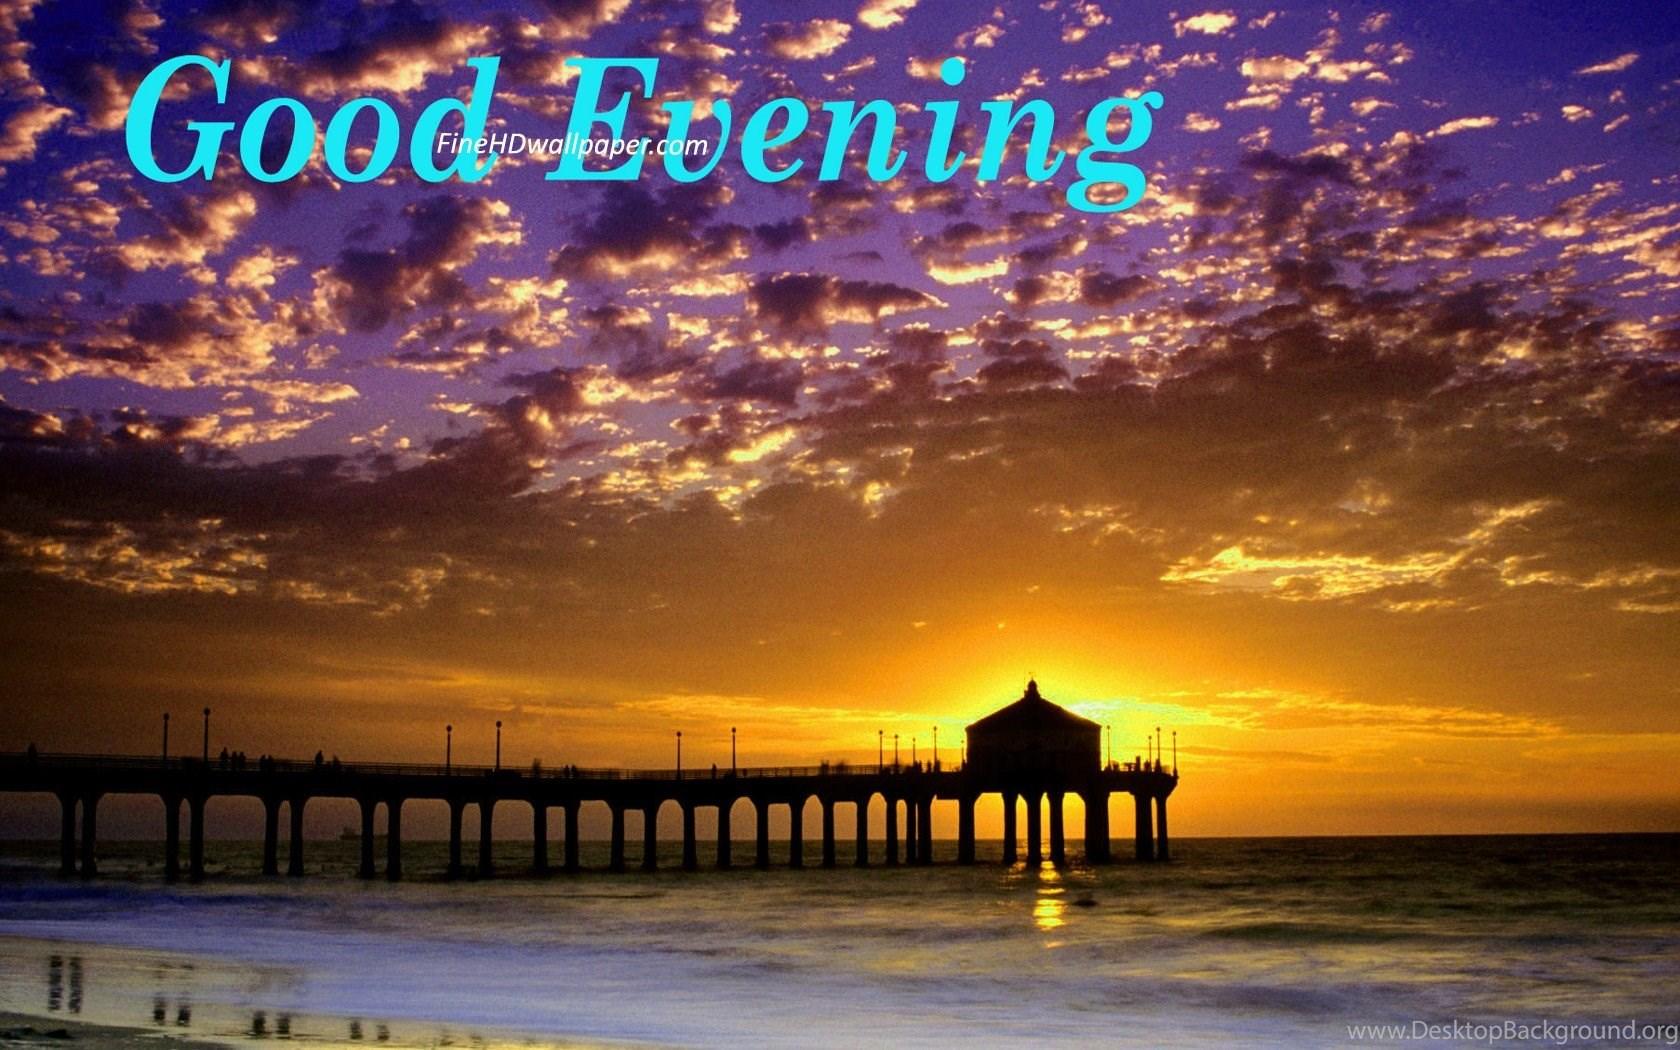 Good Evening New Good Evening Wallpapers Fine Hd Wallpapaper Rr